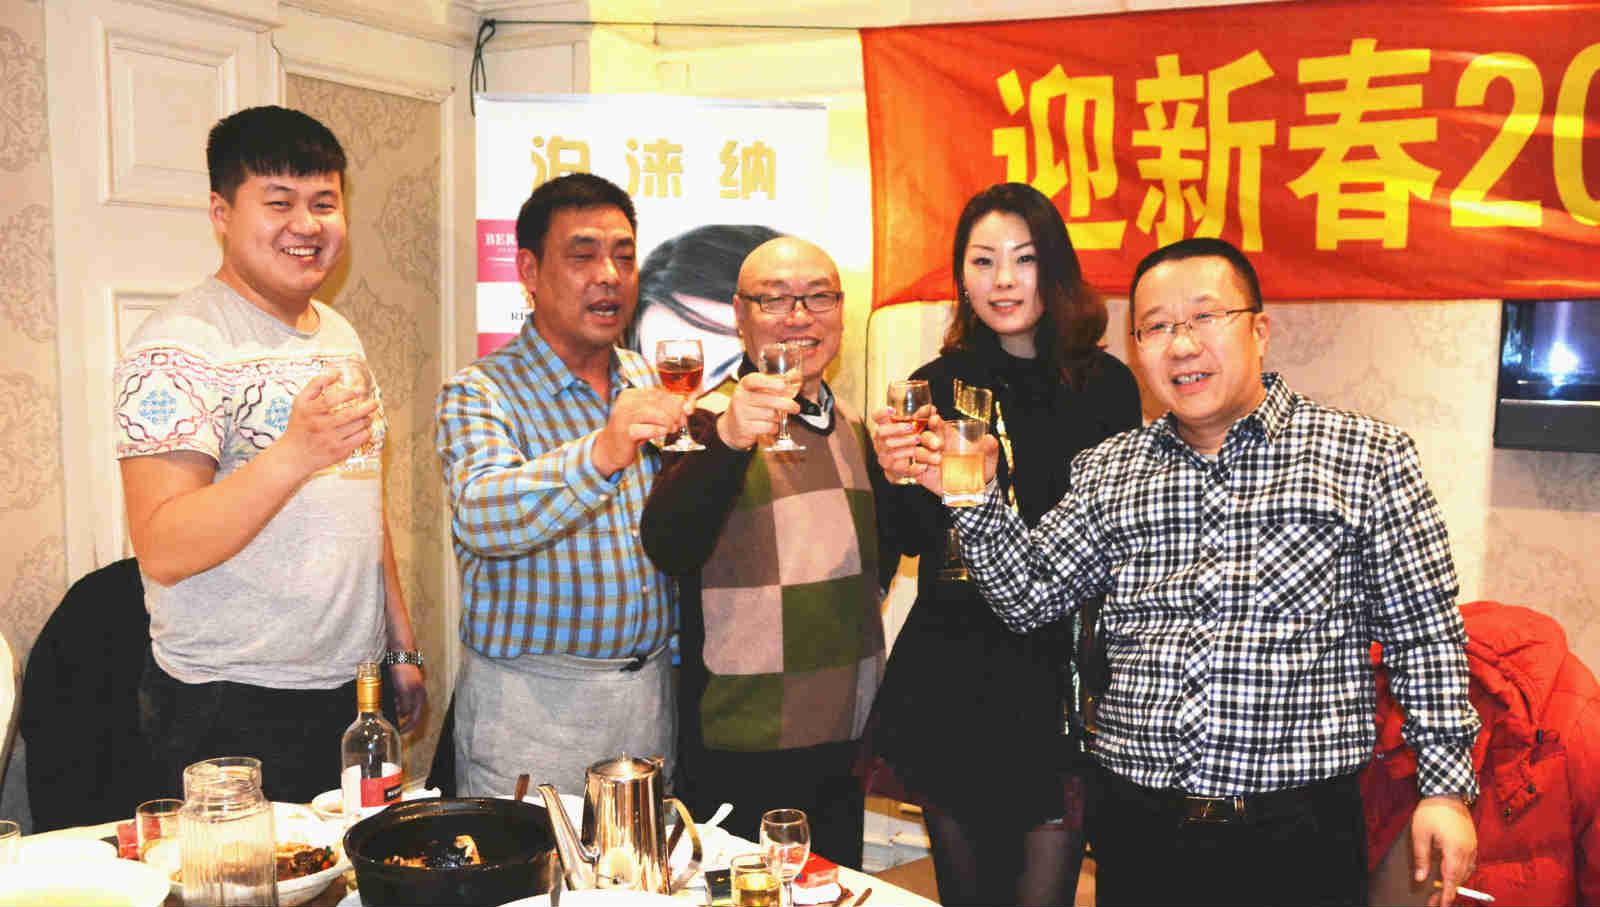 内蒙古乌海企业家熊森林(左二)与好友企业家们也参加了品鉴会 吴礼明 摄.jpg